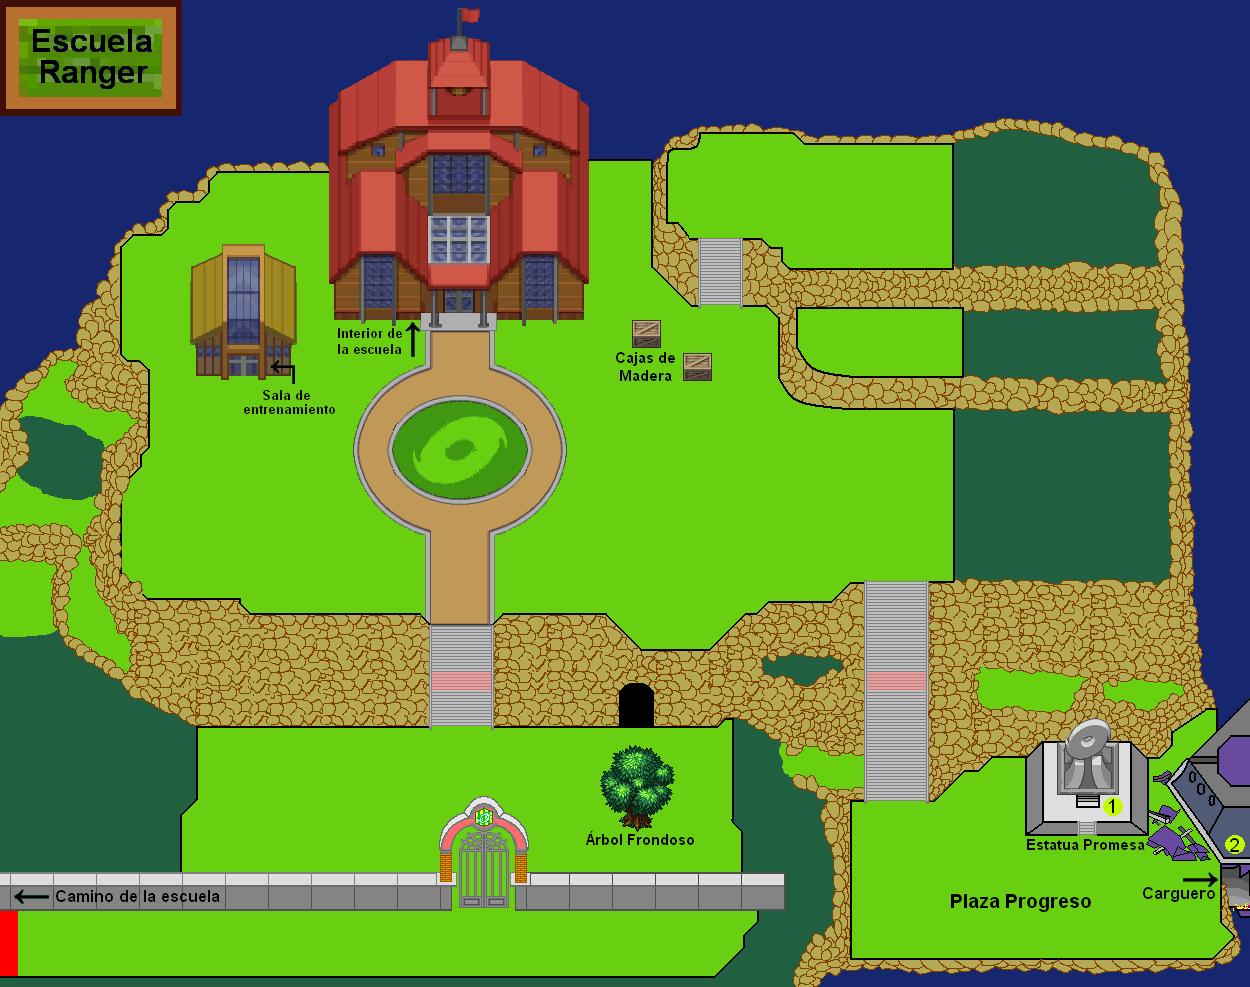 Plano de Escuela Ranger